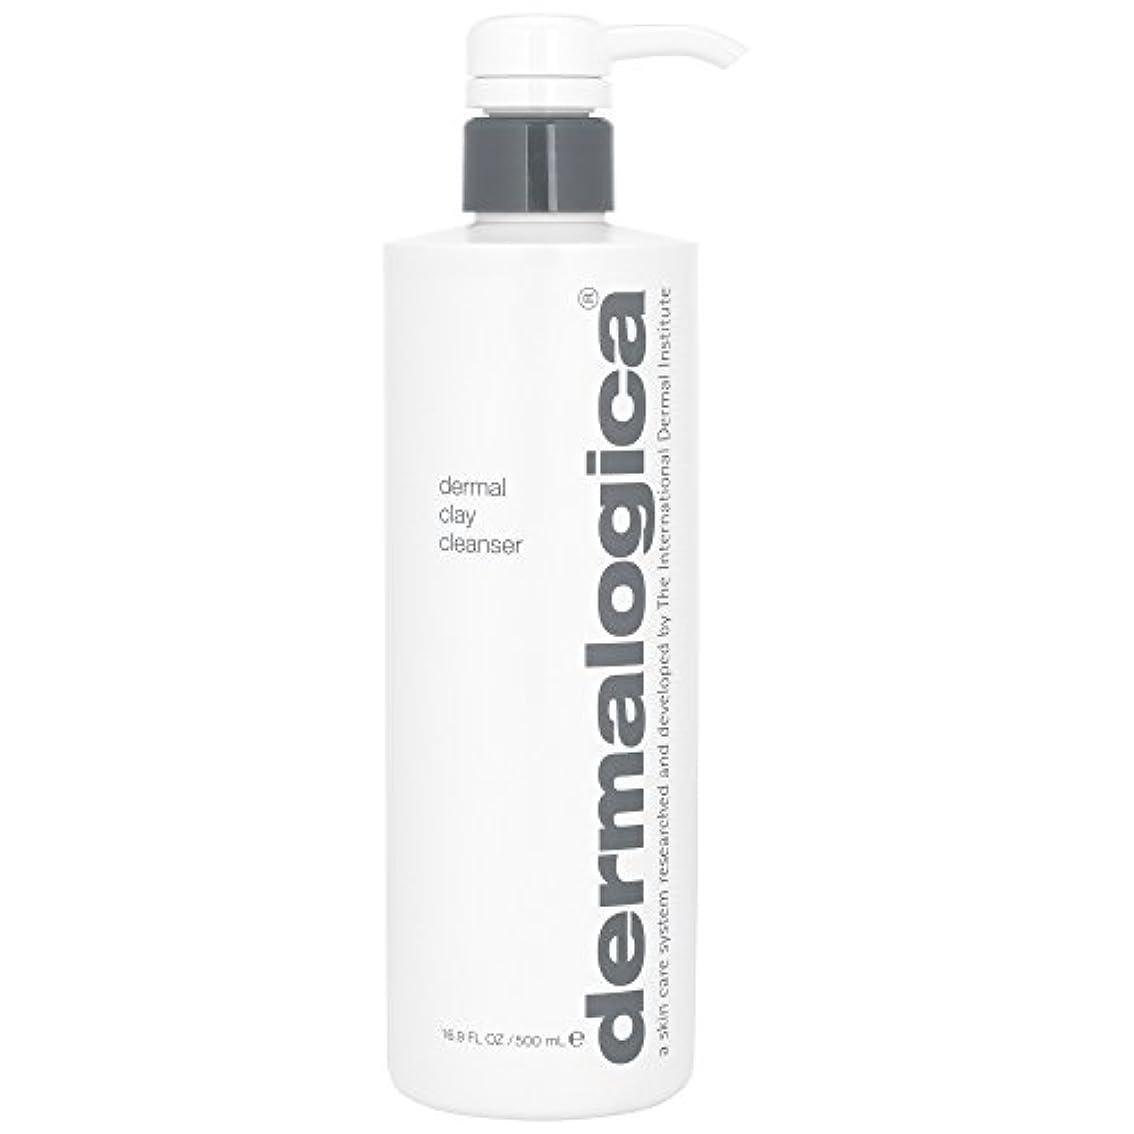 ジャニスクローゼットメトリックダーマロジカ真皮クレイクレンザー500ミリリットル (Dermalogica) (x2) - Dermalogica Dermal Clay Cleanser 500ml (Pack of 2) [並行輸入品]